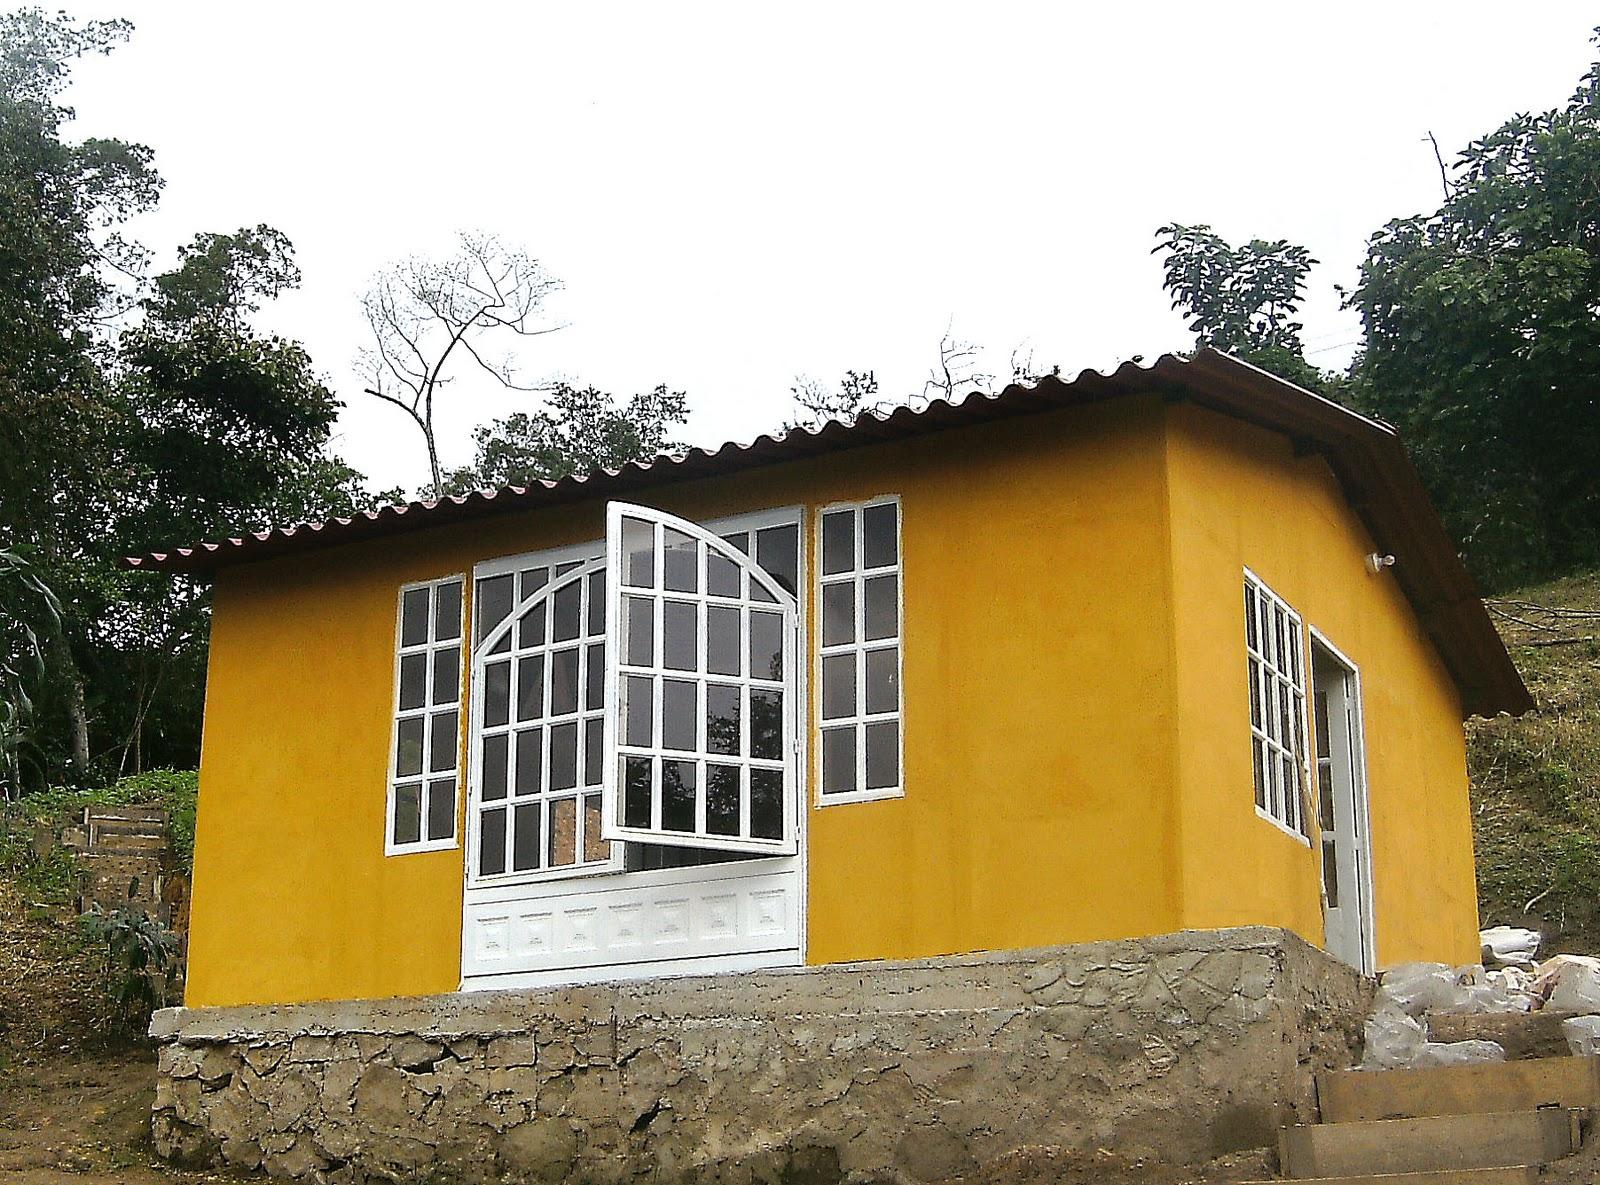 Las mejores casas prefabricadas las mejores casas prefabricadas - Vivir en una casa prefabricada ...